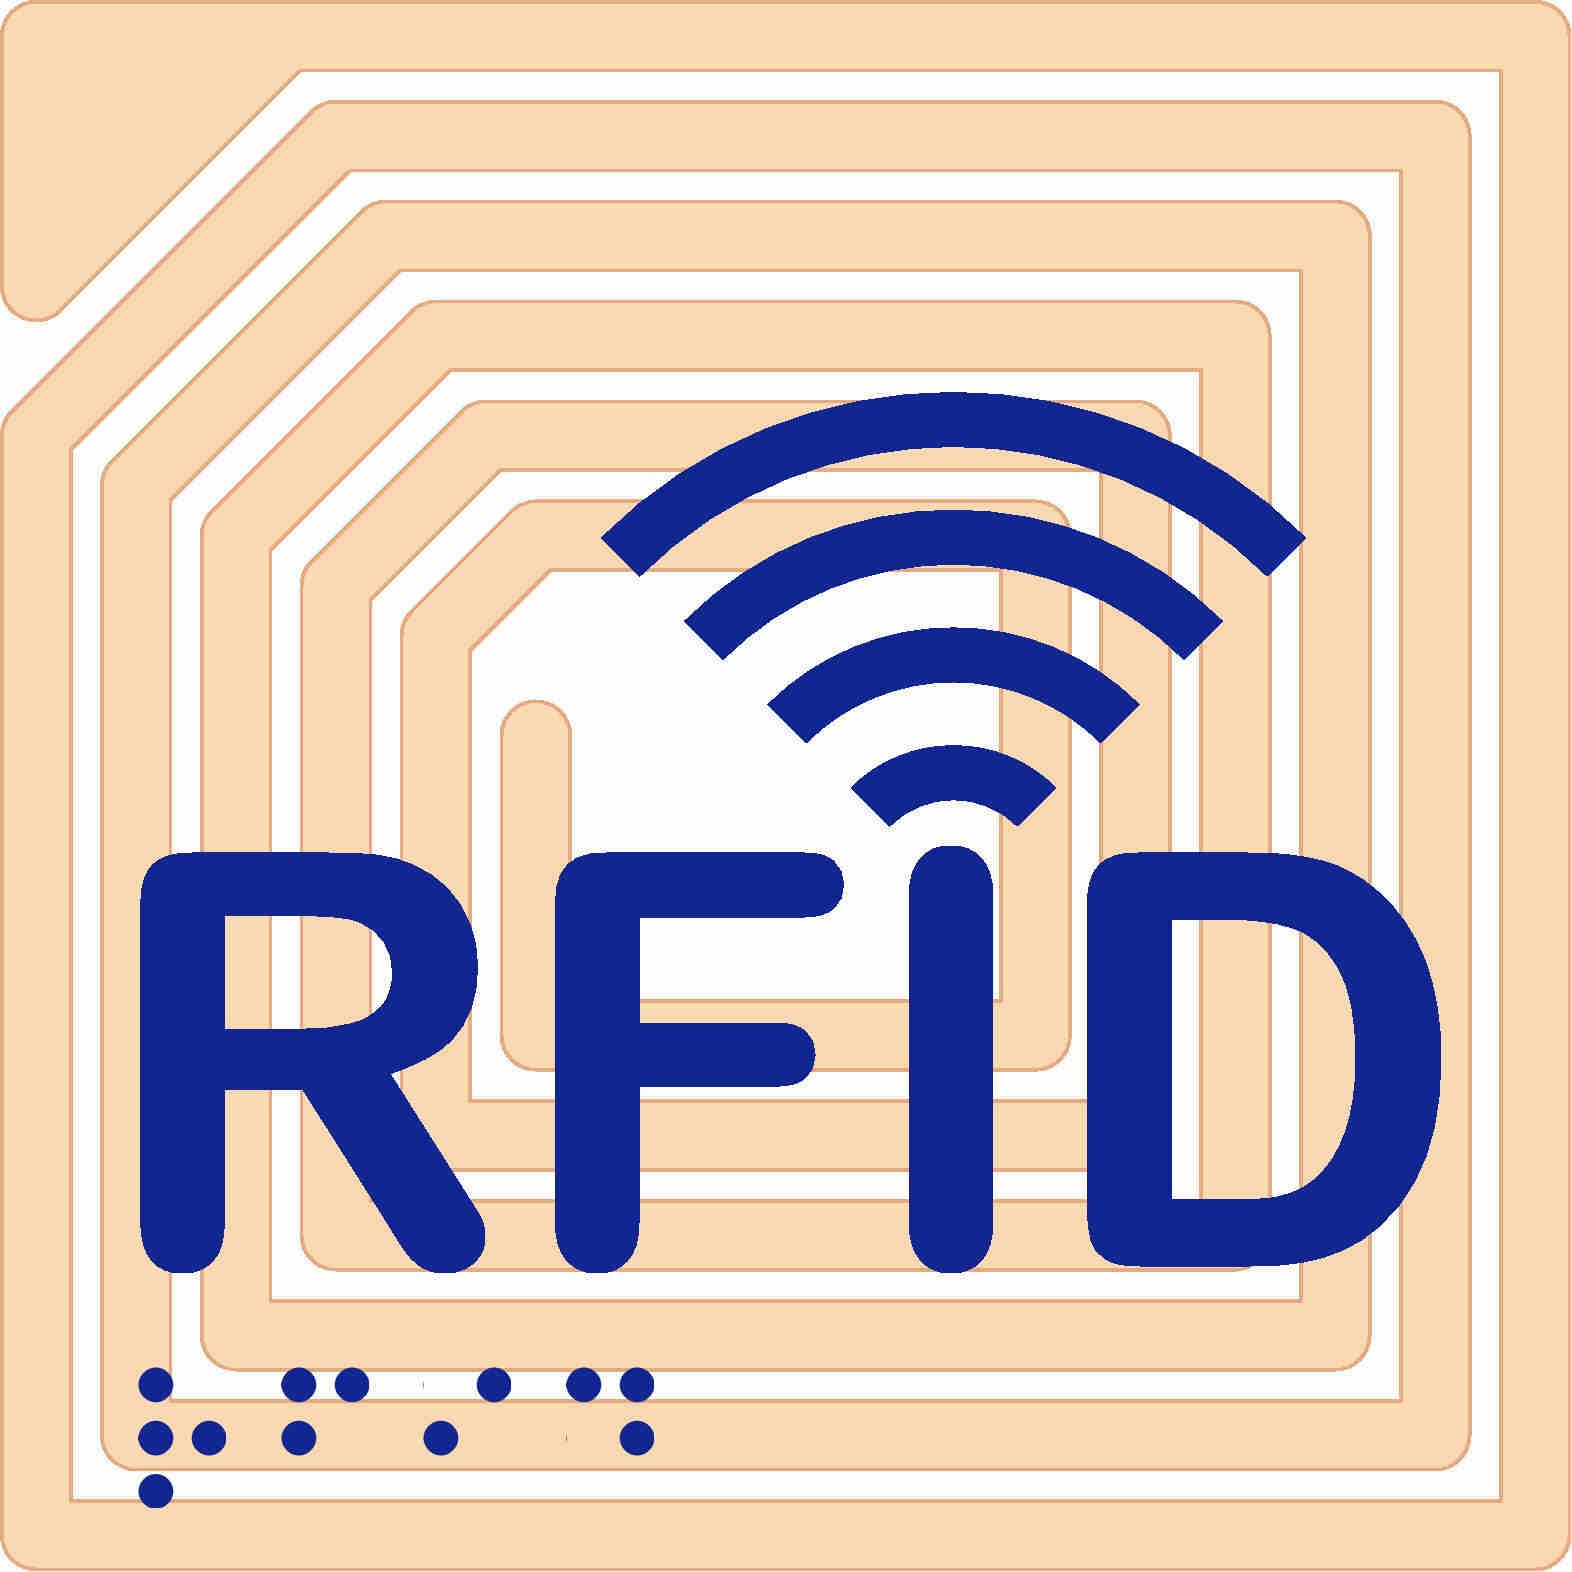 RFID adalah singkatan dari Radio Frequency Identification RFID adalah sistem identifikasi tanpa kabel yang memungkinkan pengambilan data tanpa harus